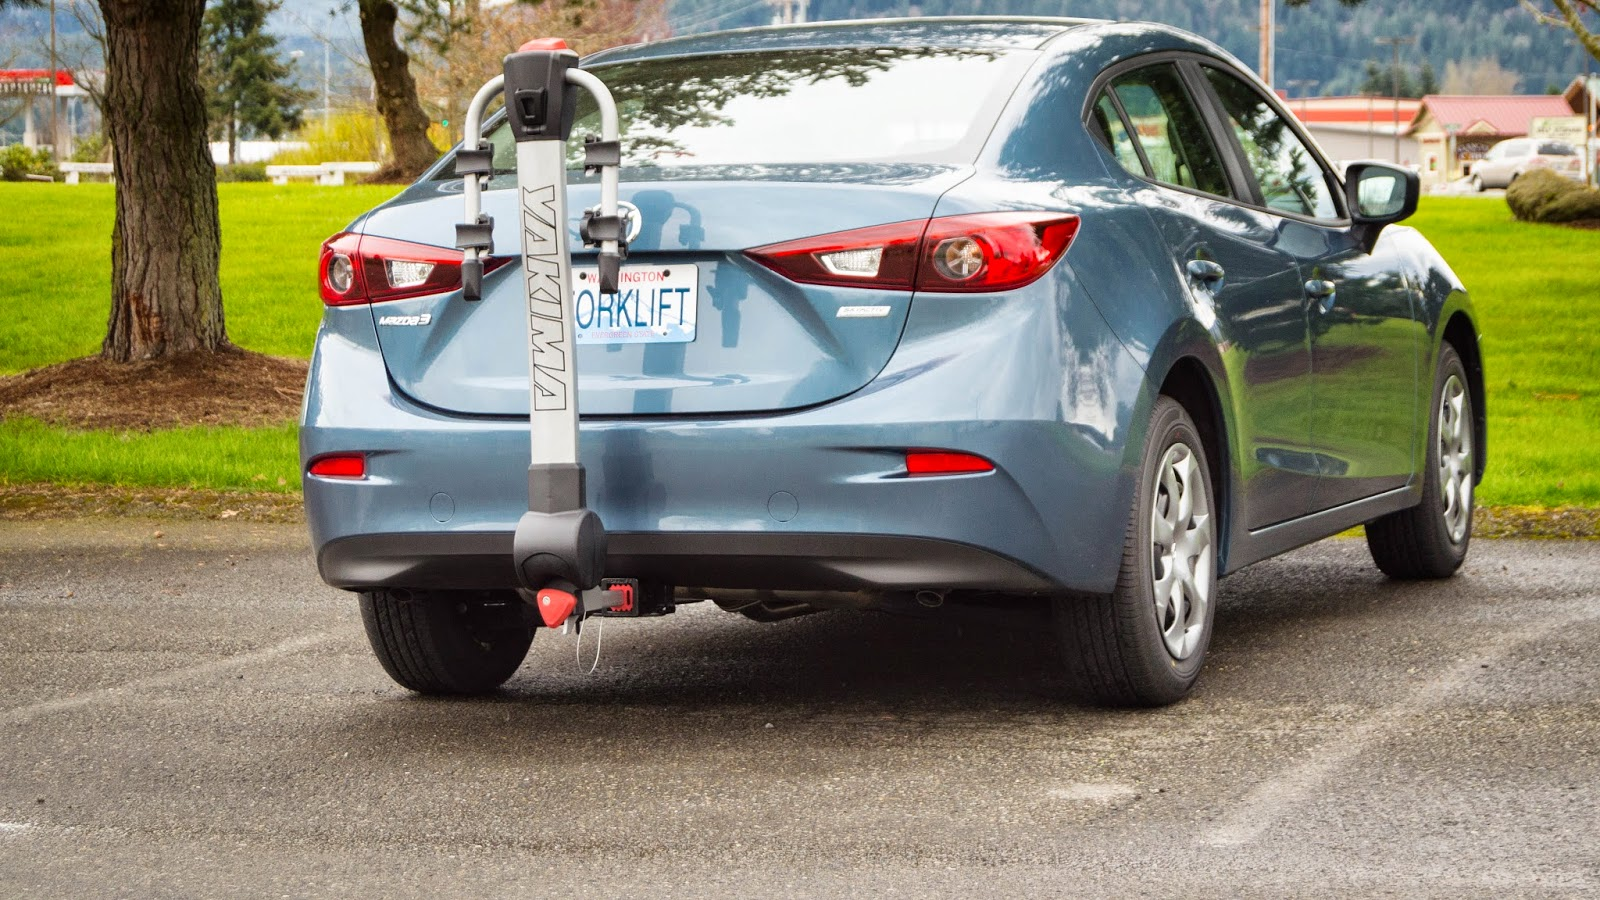 Torklift Central | 2014-2015 Mazda 3 sedan and hatchback